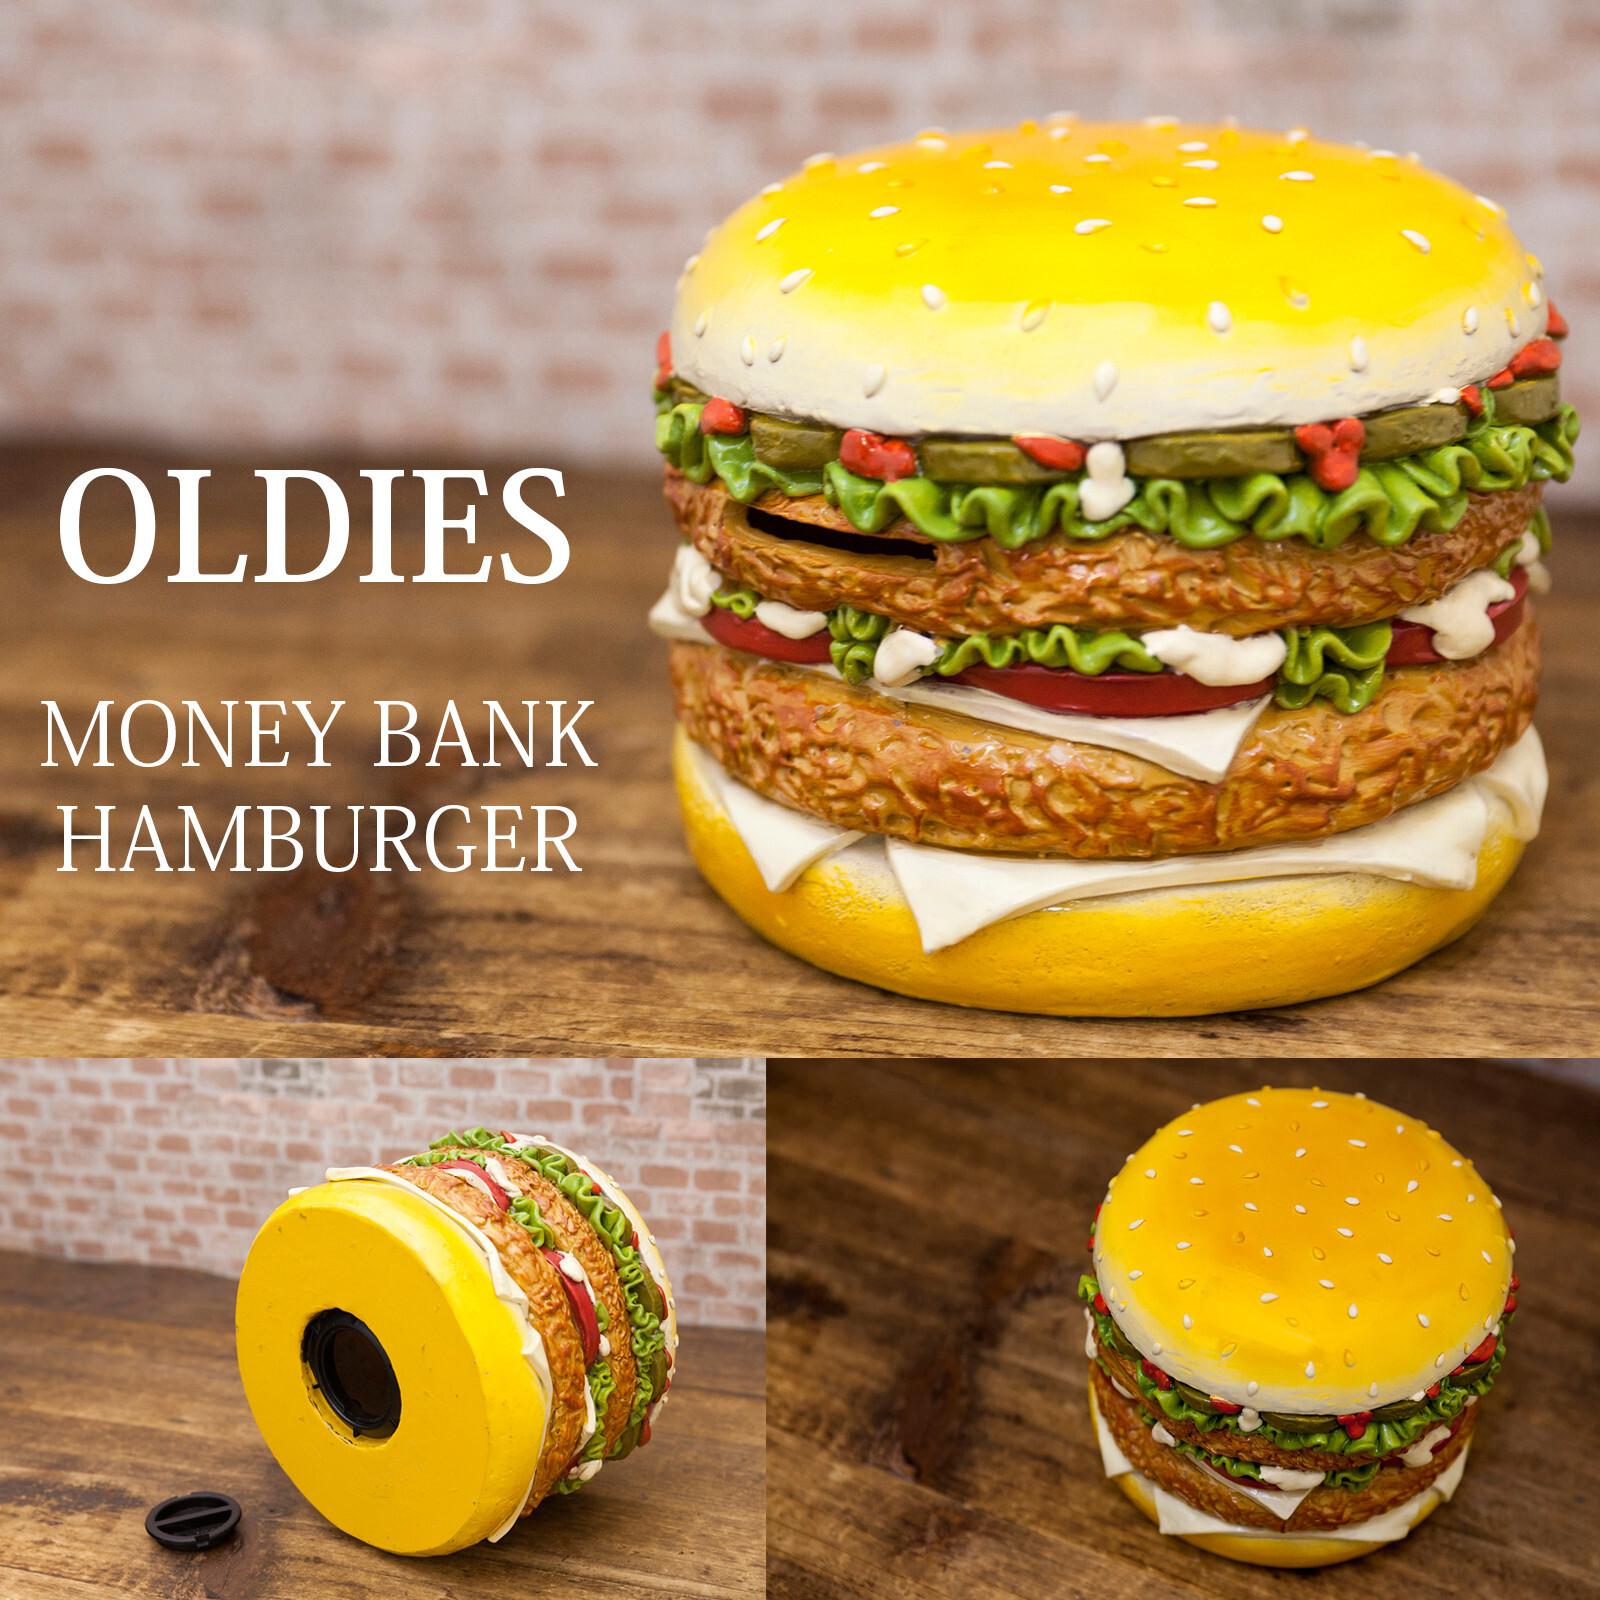 オールディーズ・レトロコインバンク 「ハンバーガー」貯金箱 置物